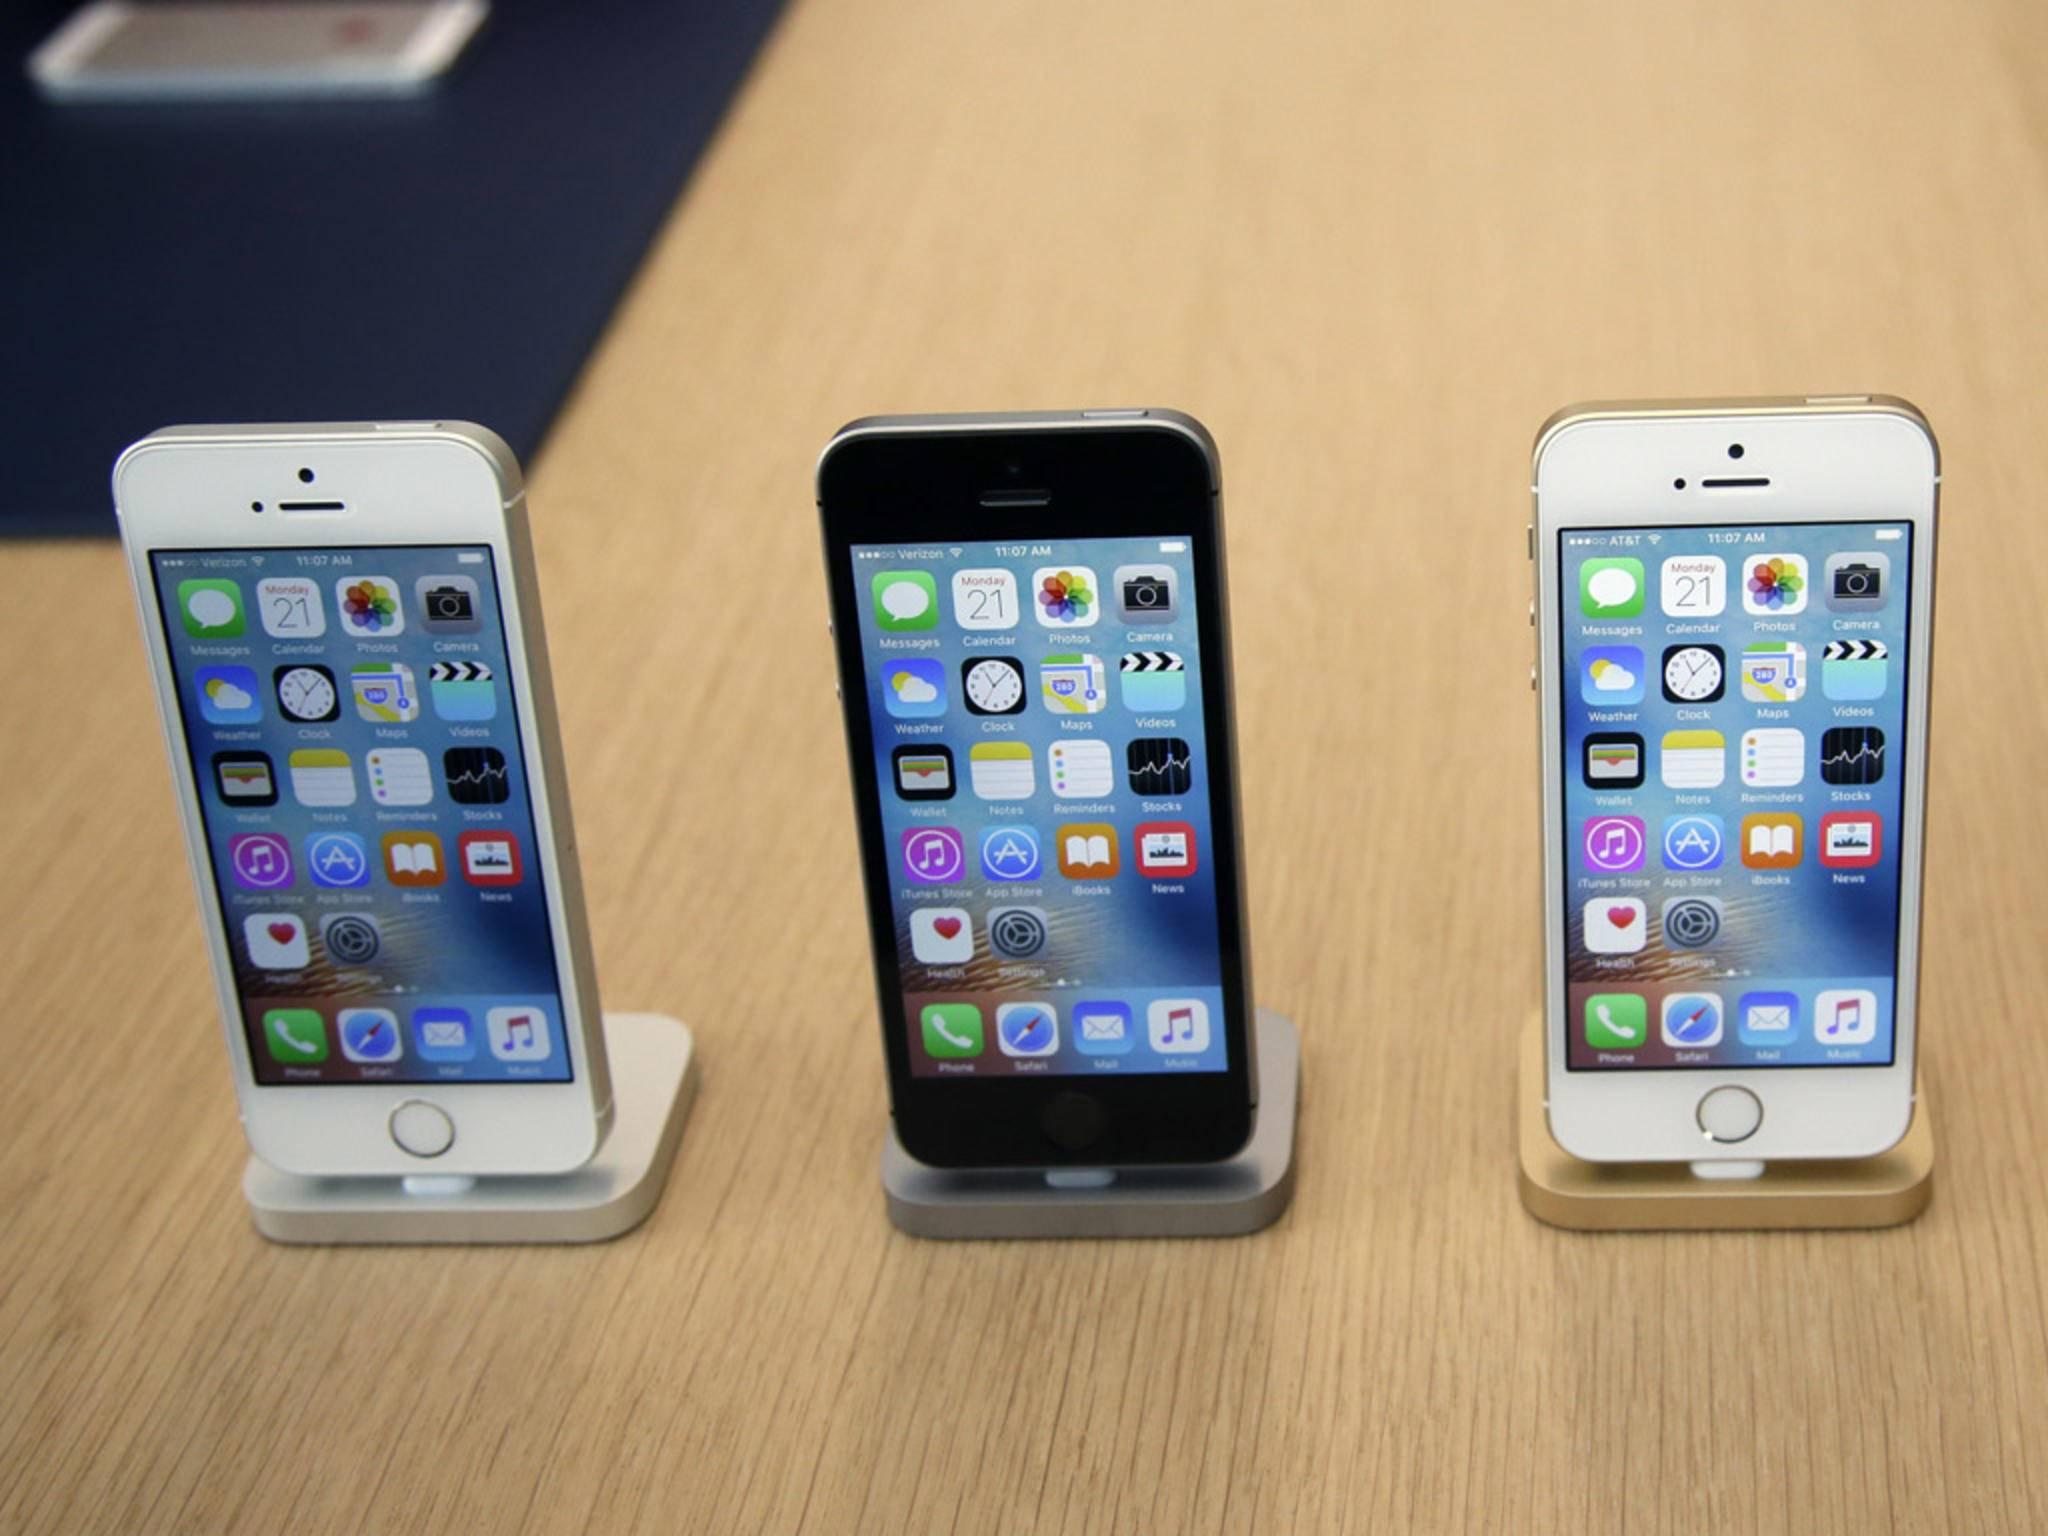 vergleich iphone 4 und iphone 5c